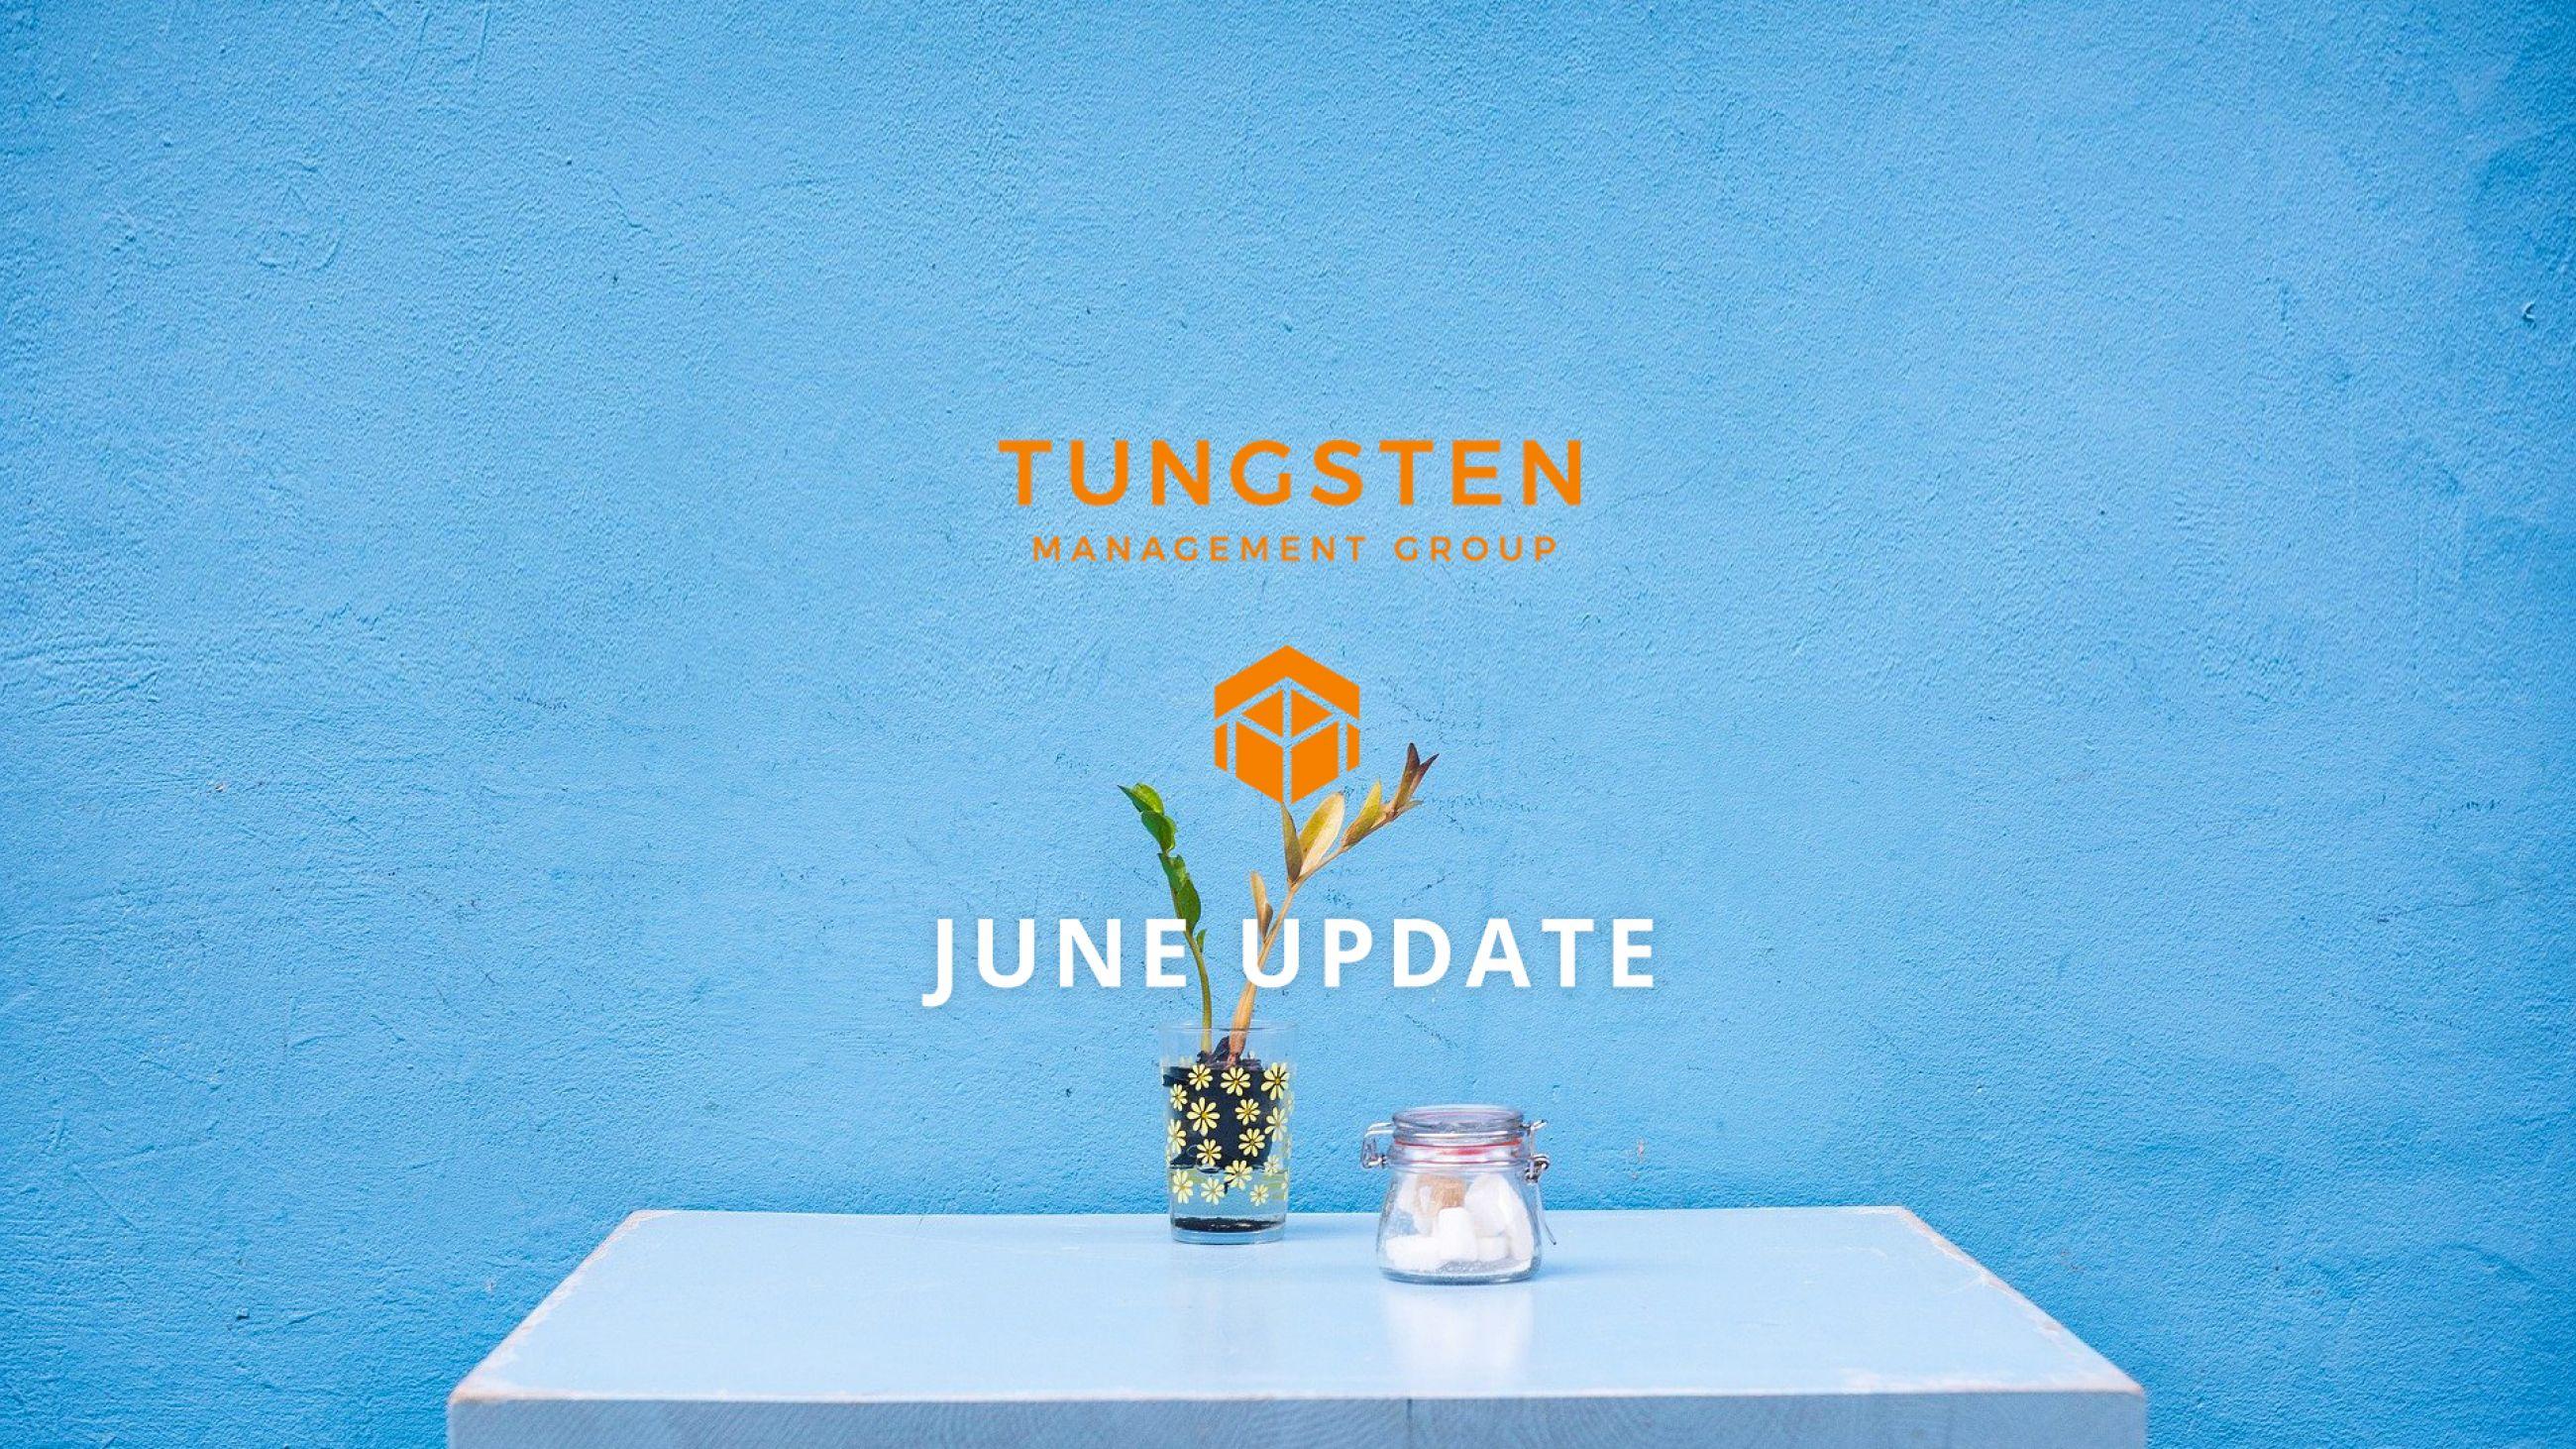 Tungsten Management Group Update Part Thirty One